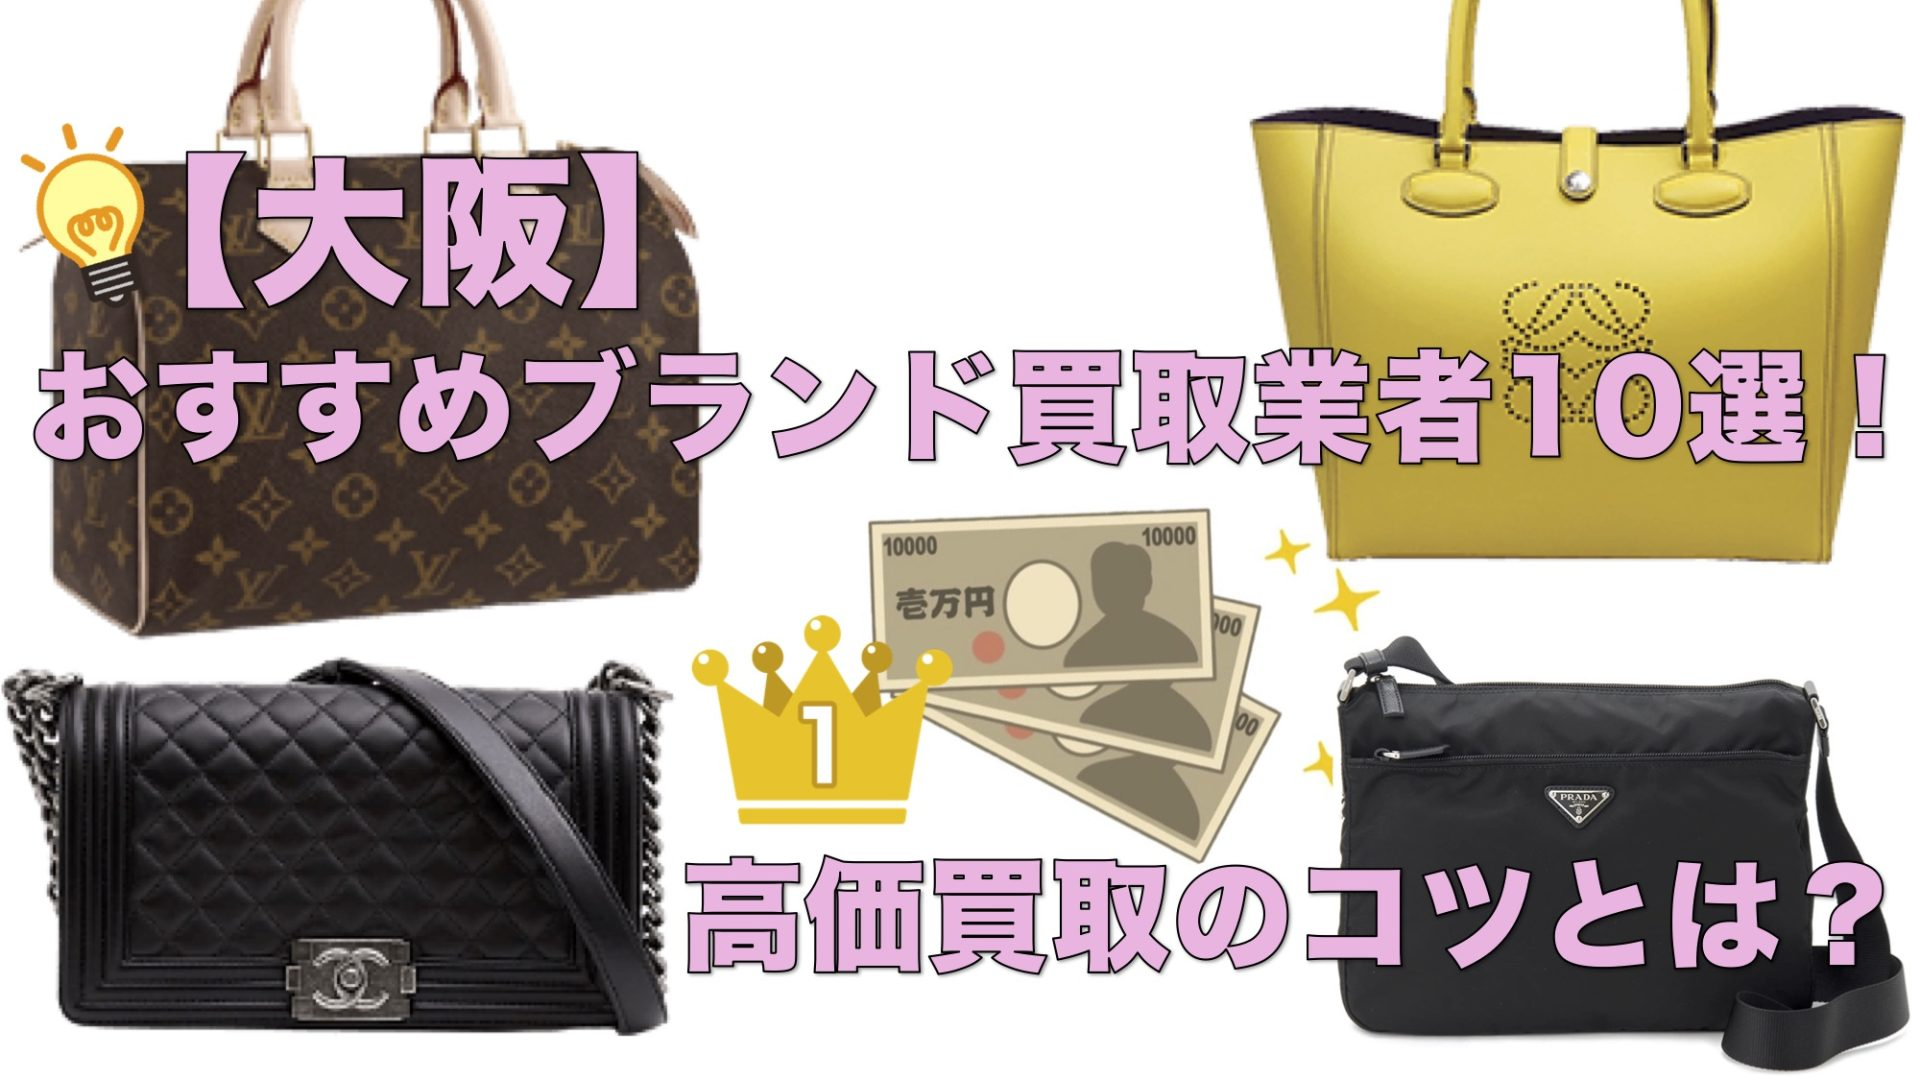 【大阪】おすすめブランド高価買取業者10選!高く売るコツは? アイキャッチ画像